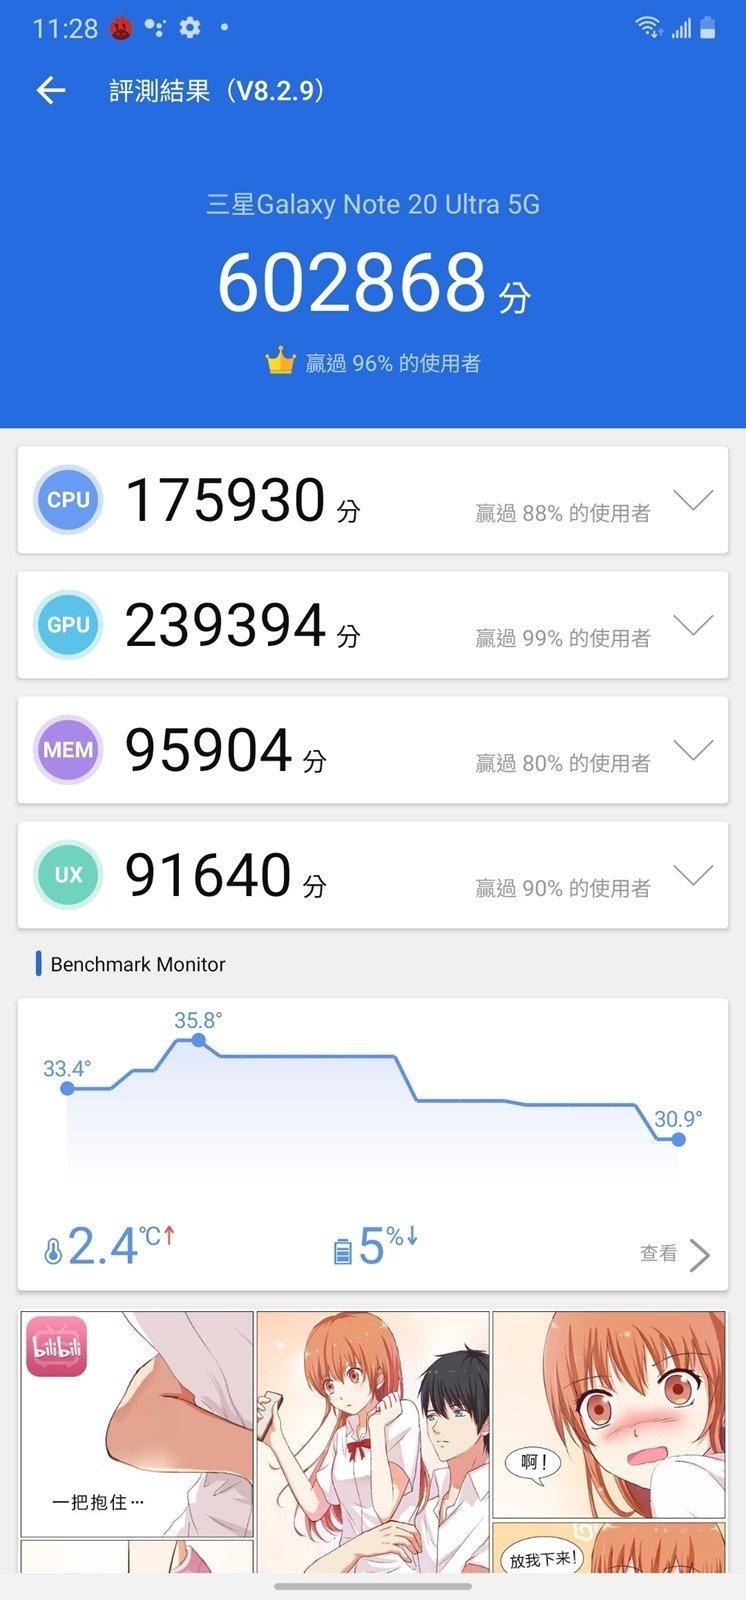 [實測] 台版三星 Galaxy Note 20 Ultra 性能電力測試 / 充電測試 / 更新率電力差異實測 @3C 達人廖阿輝